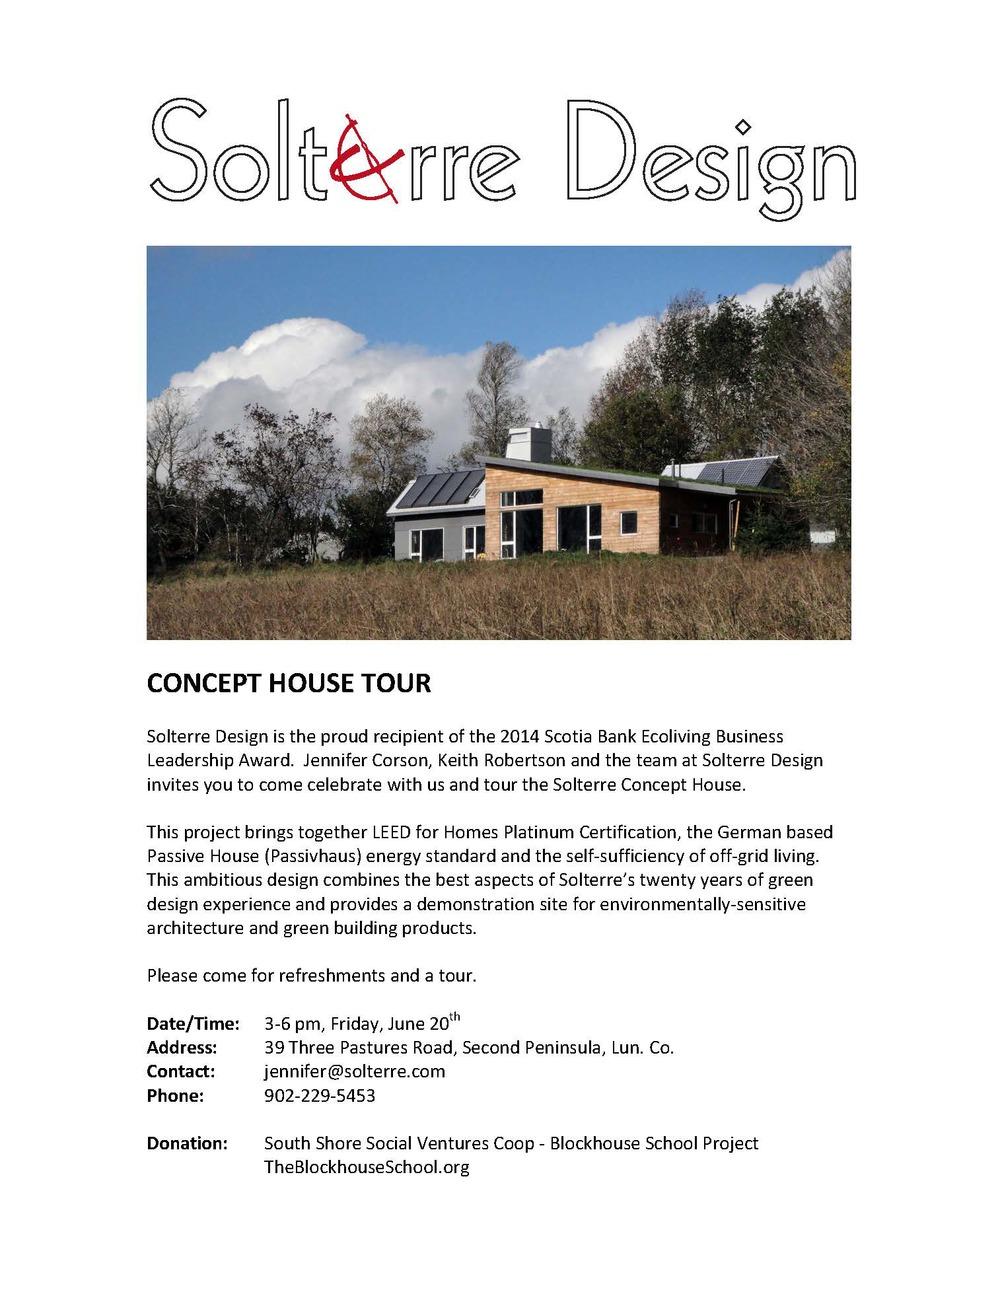 Concept House Invitation